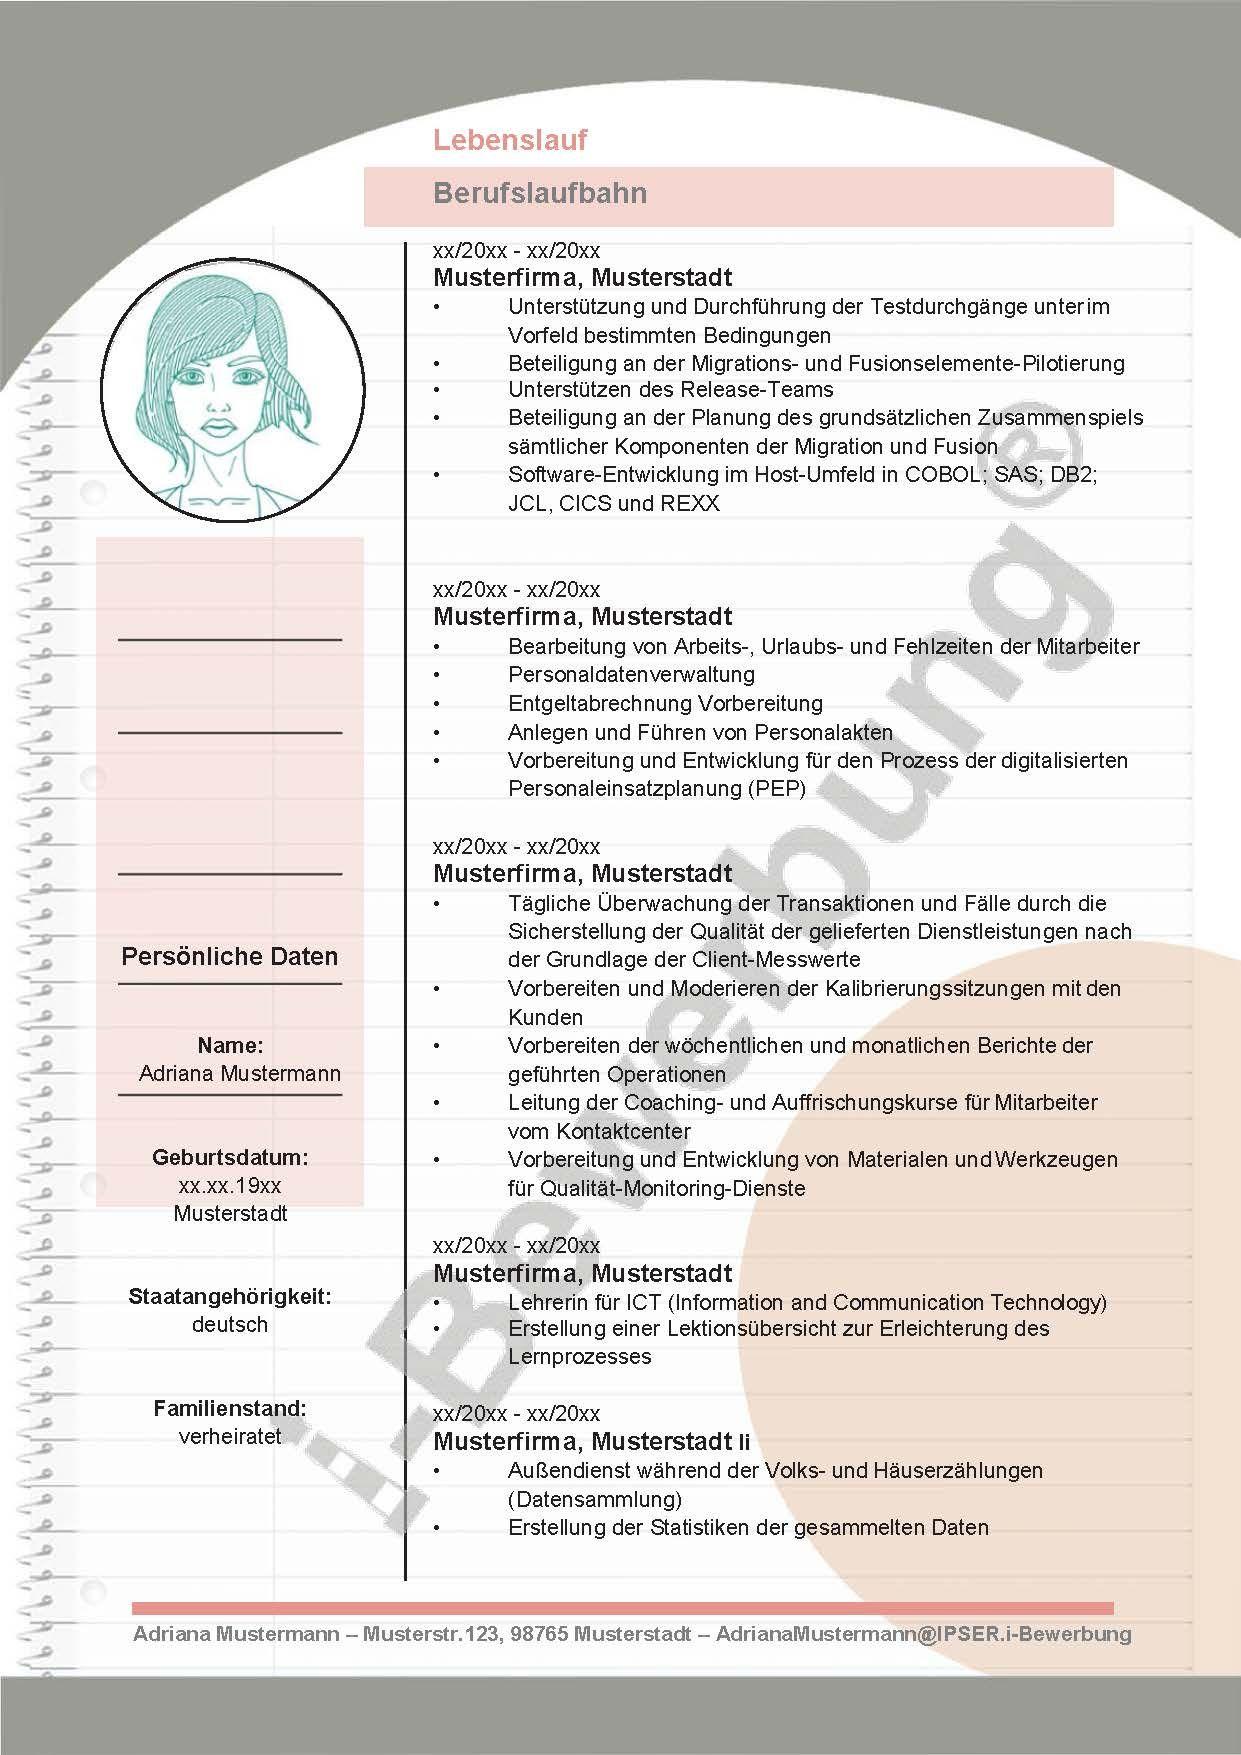 Der Lebenslauf Zur Initiativbewerbung Gestaltung Und Format Lebenslauf Lebenslauf Vorlagen Word Moderner Lebenslauf